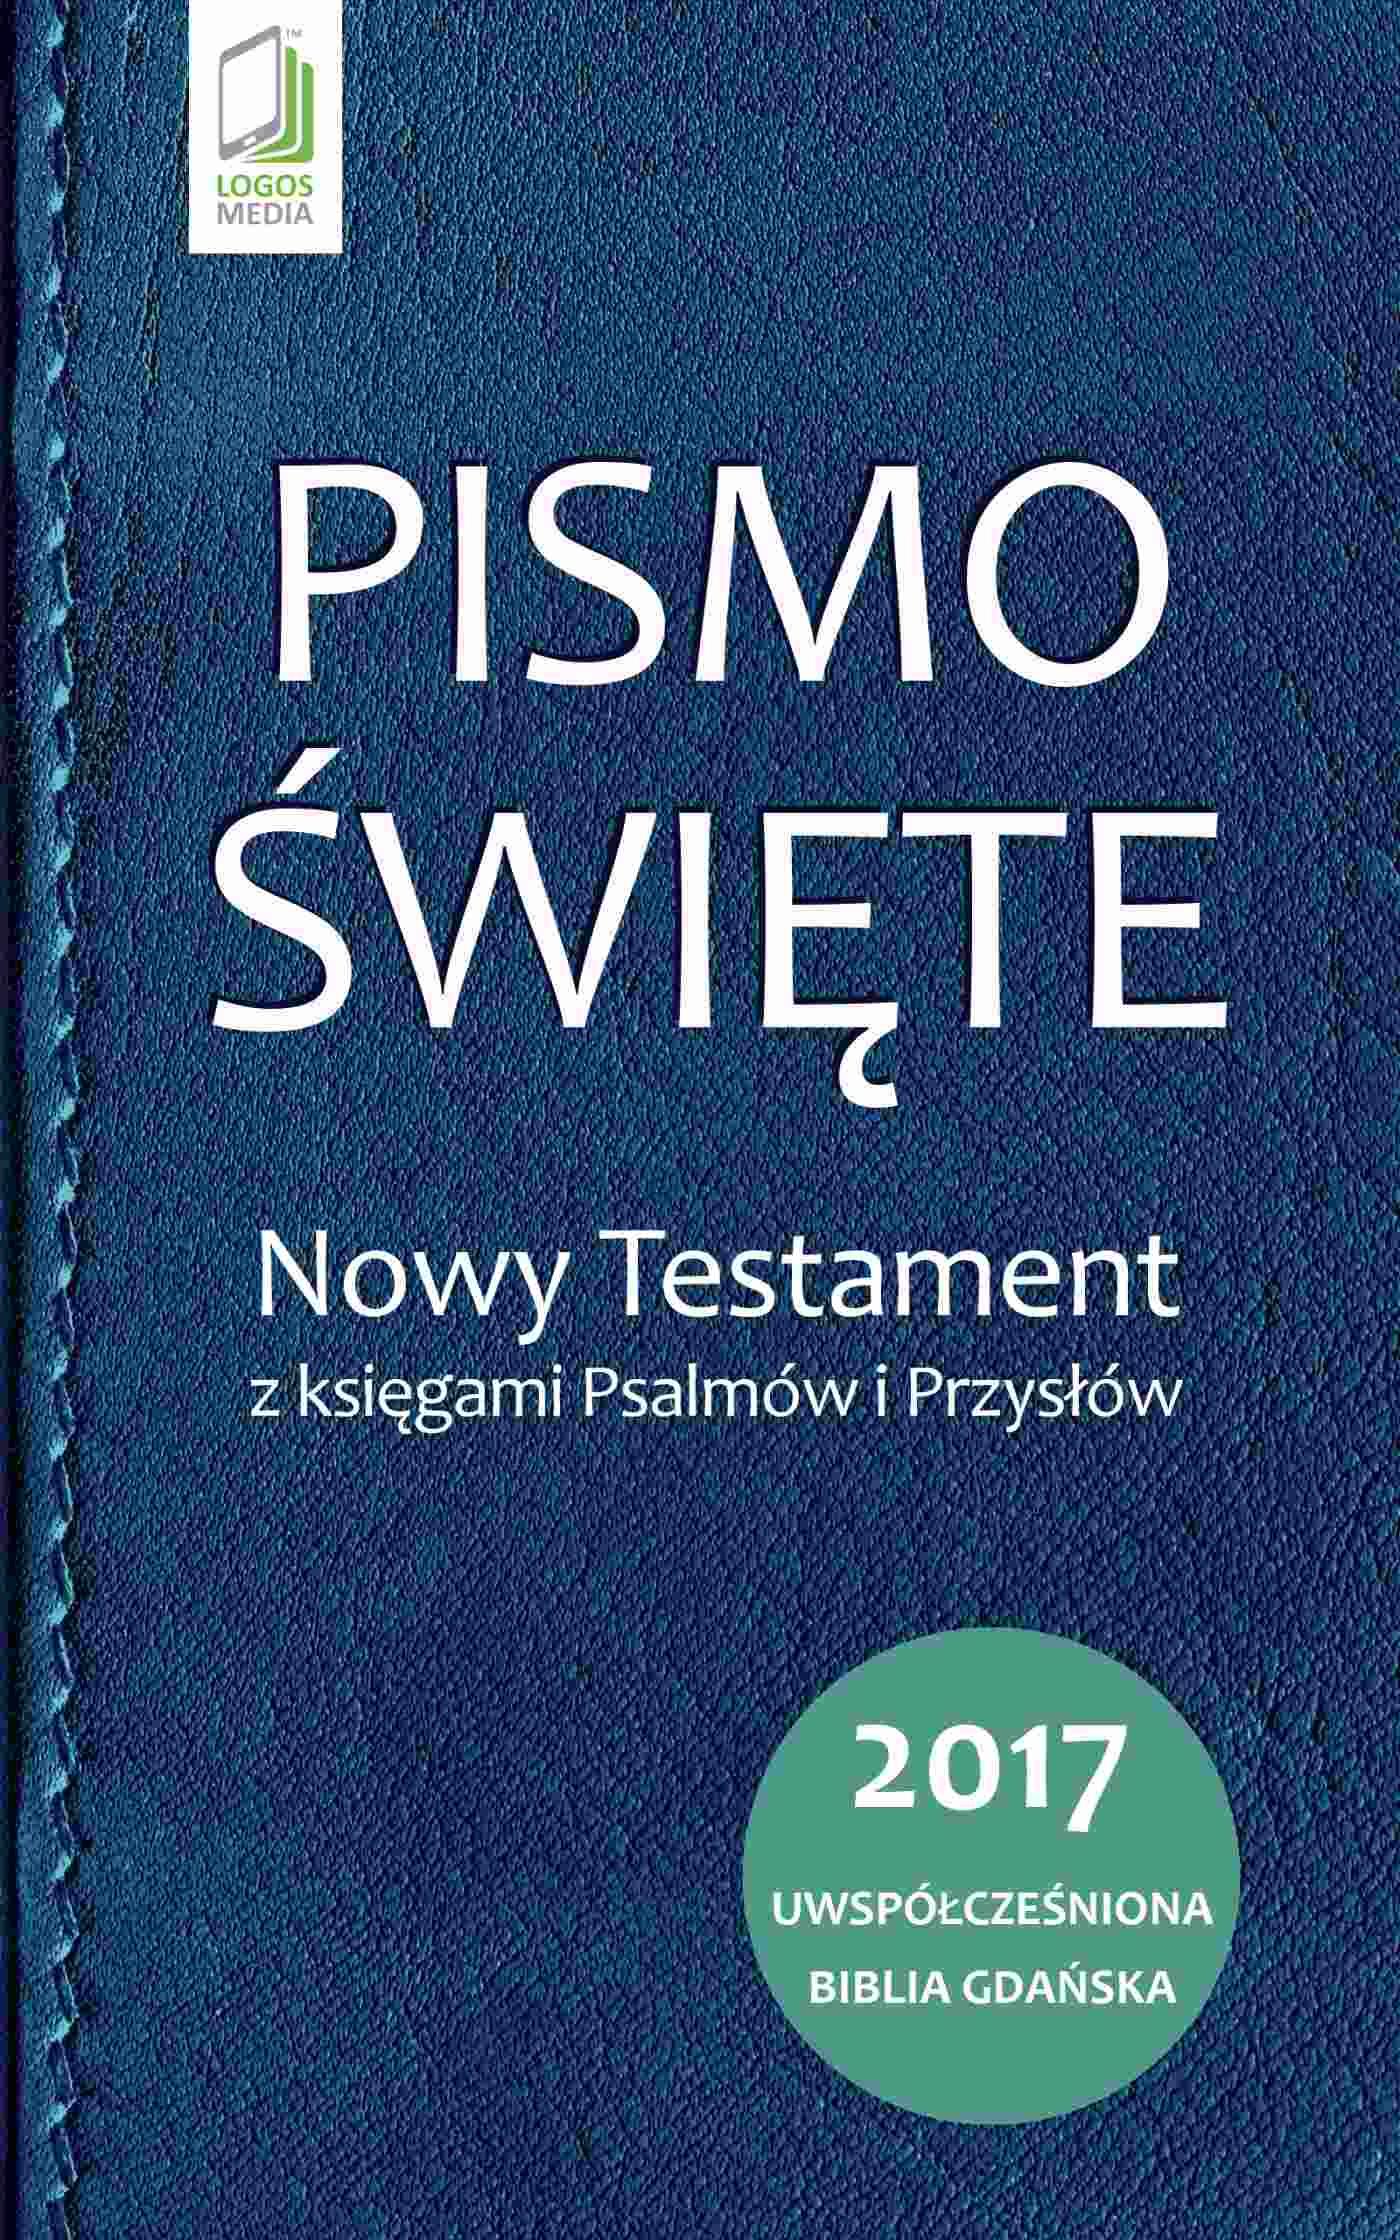 Pismo Święte. Nowy Testament z księgami Psalmów i Przysłów - Ebook (Książka na Kindle) do pobrania w formacie MOBI